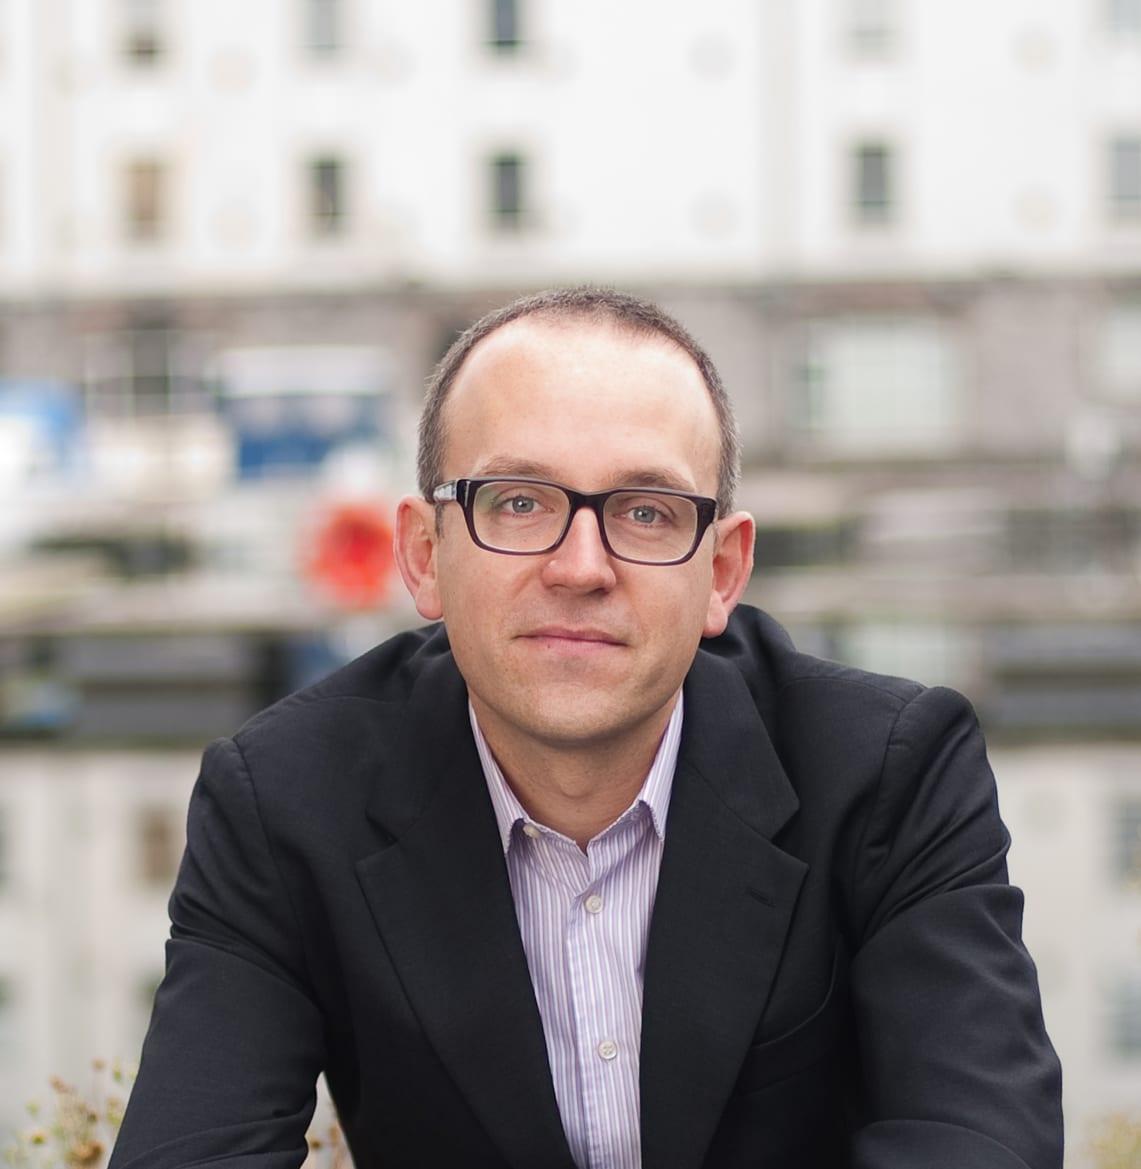 Boxever CEO Dave O'FLanagan